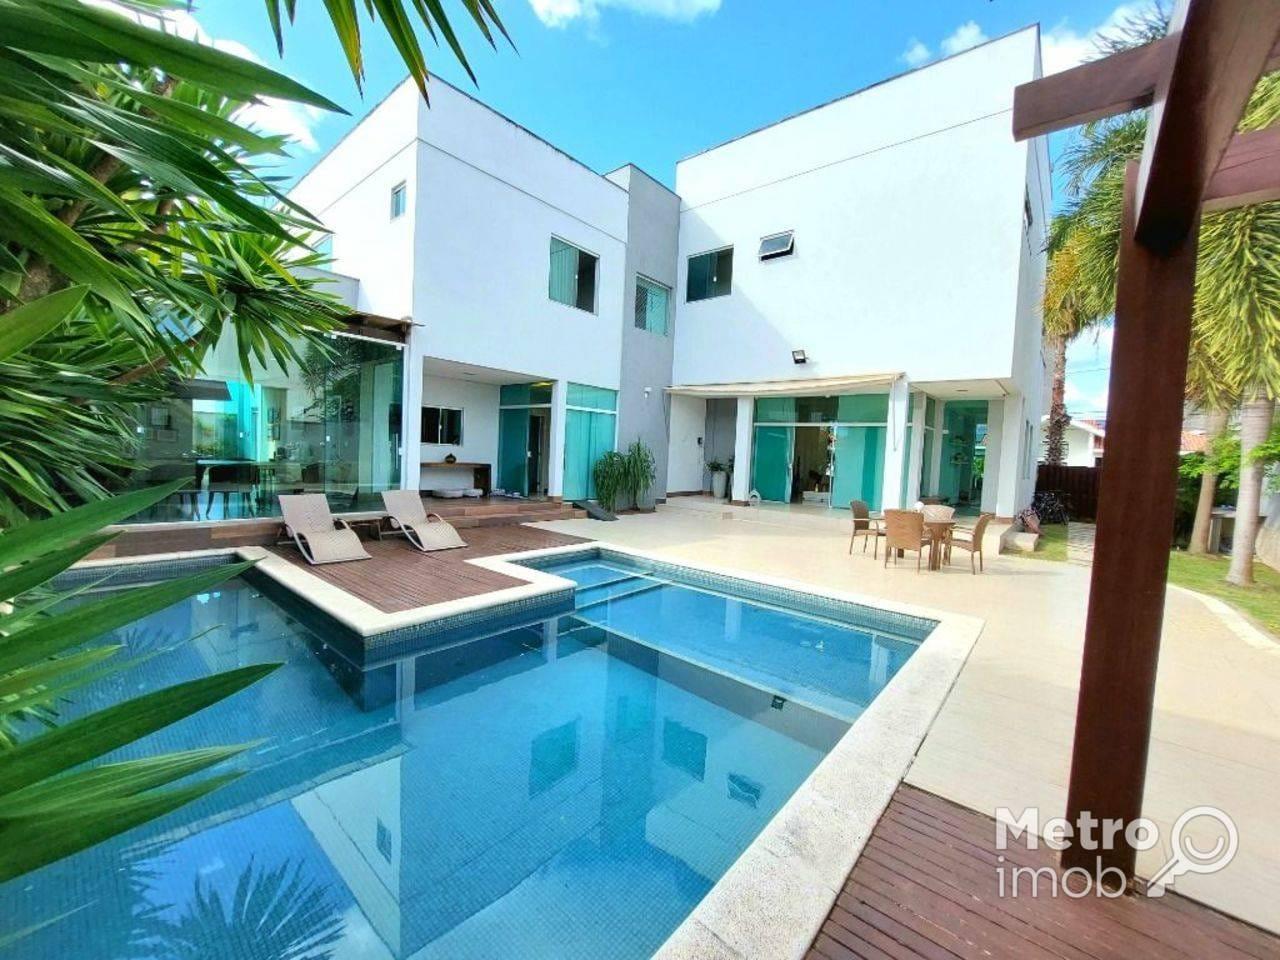 https://static.arboimoveis.com.br/CA0054_METRO/casa-a-venda-cohama-sao-luis1630430290258cjndv.jpg